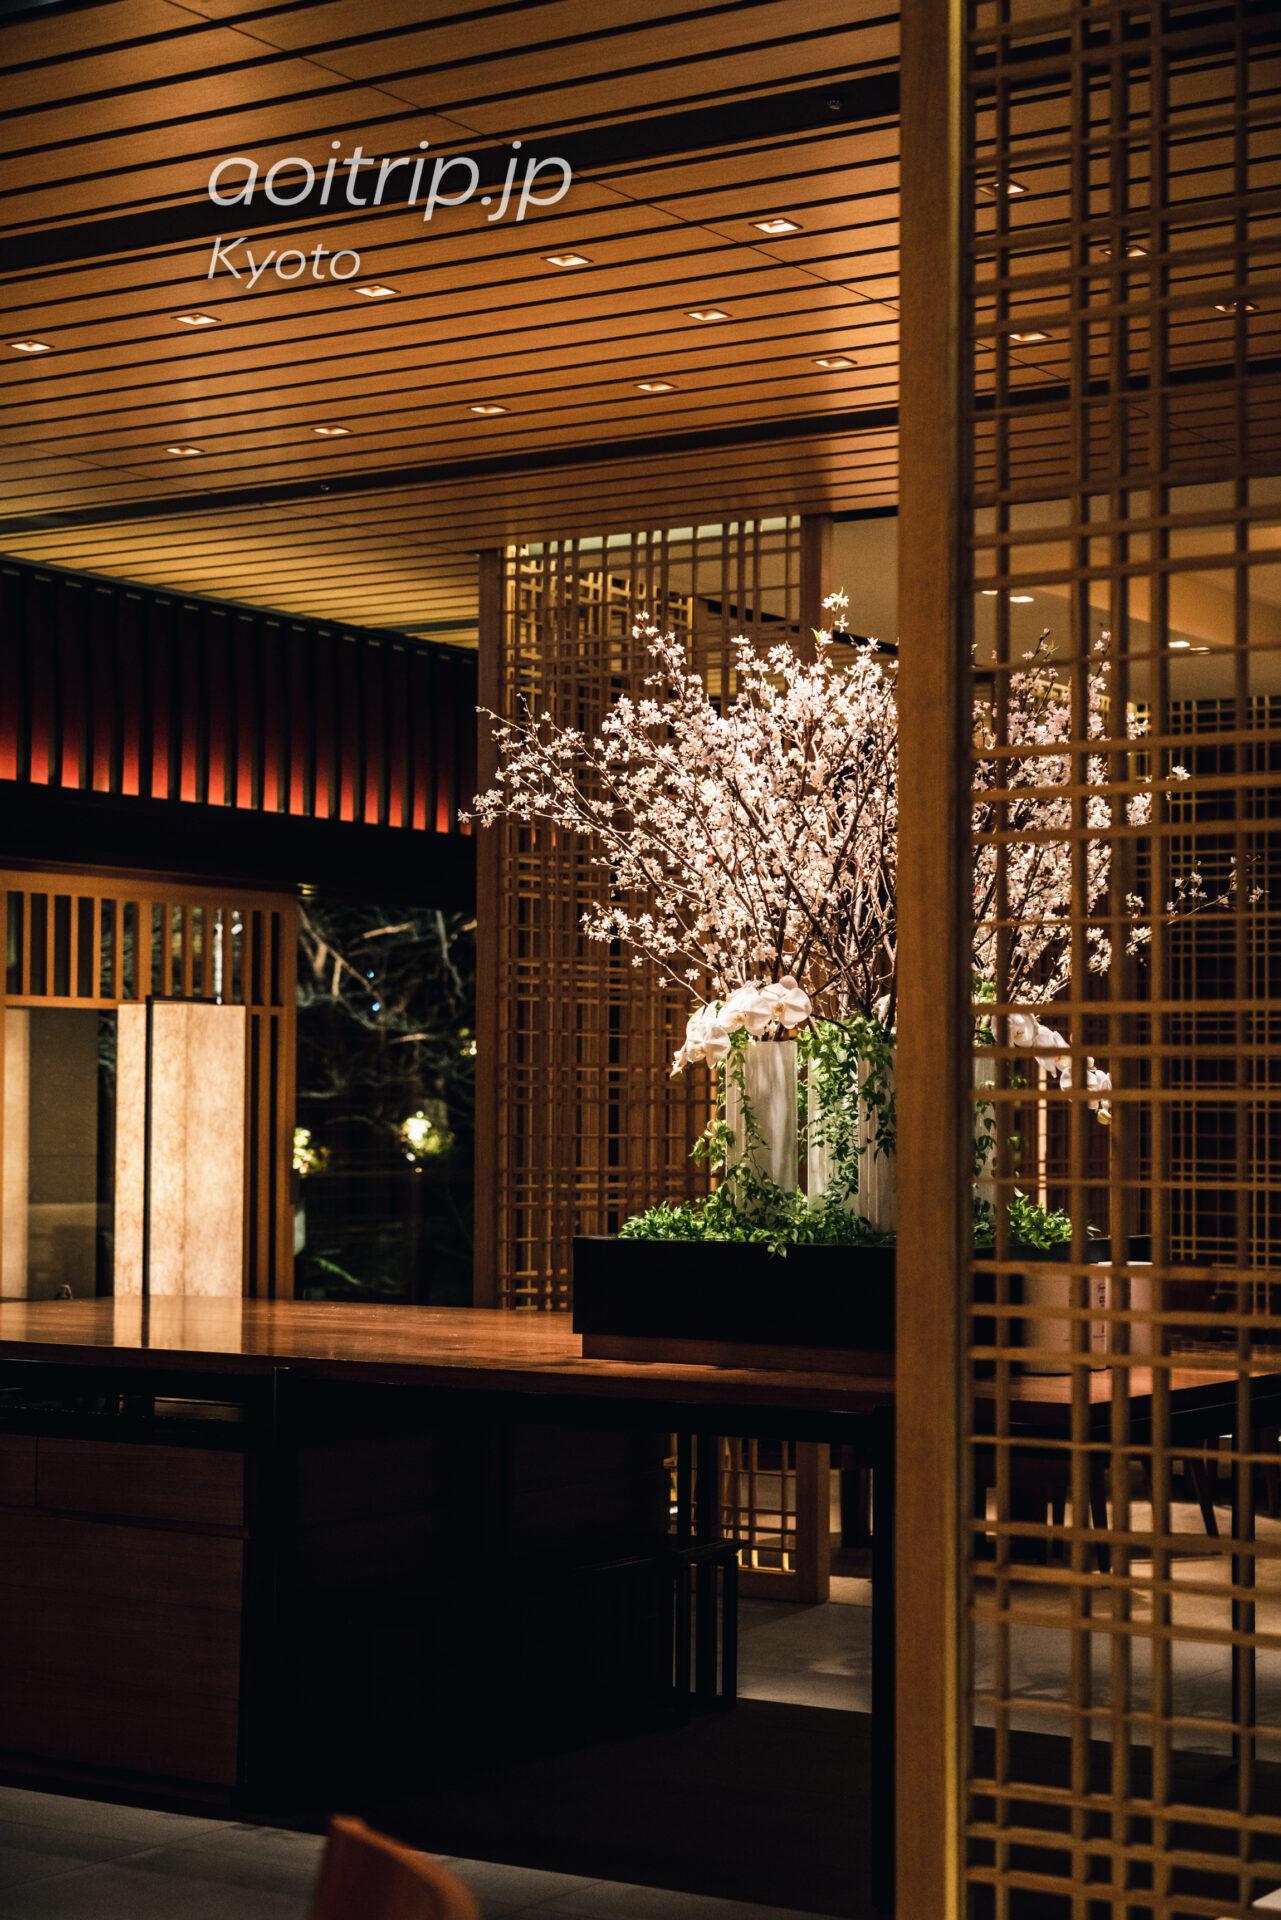 ザ リッツカールトン京都のザ ロビーラウンジ The Lobby Lounge